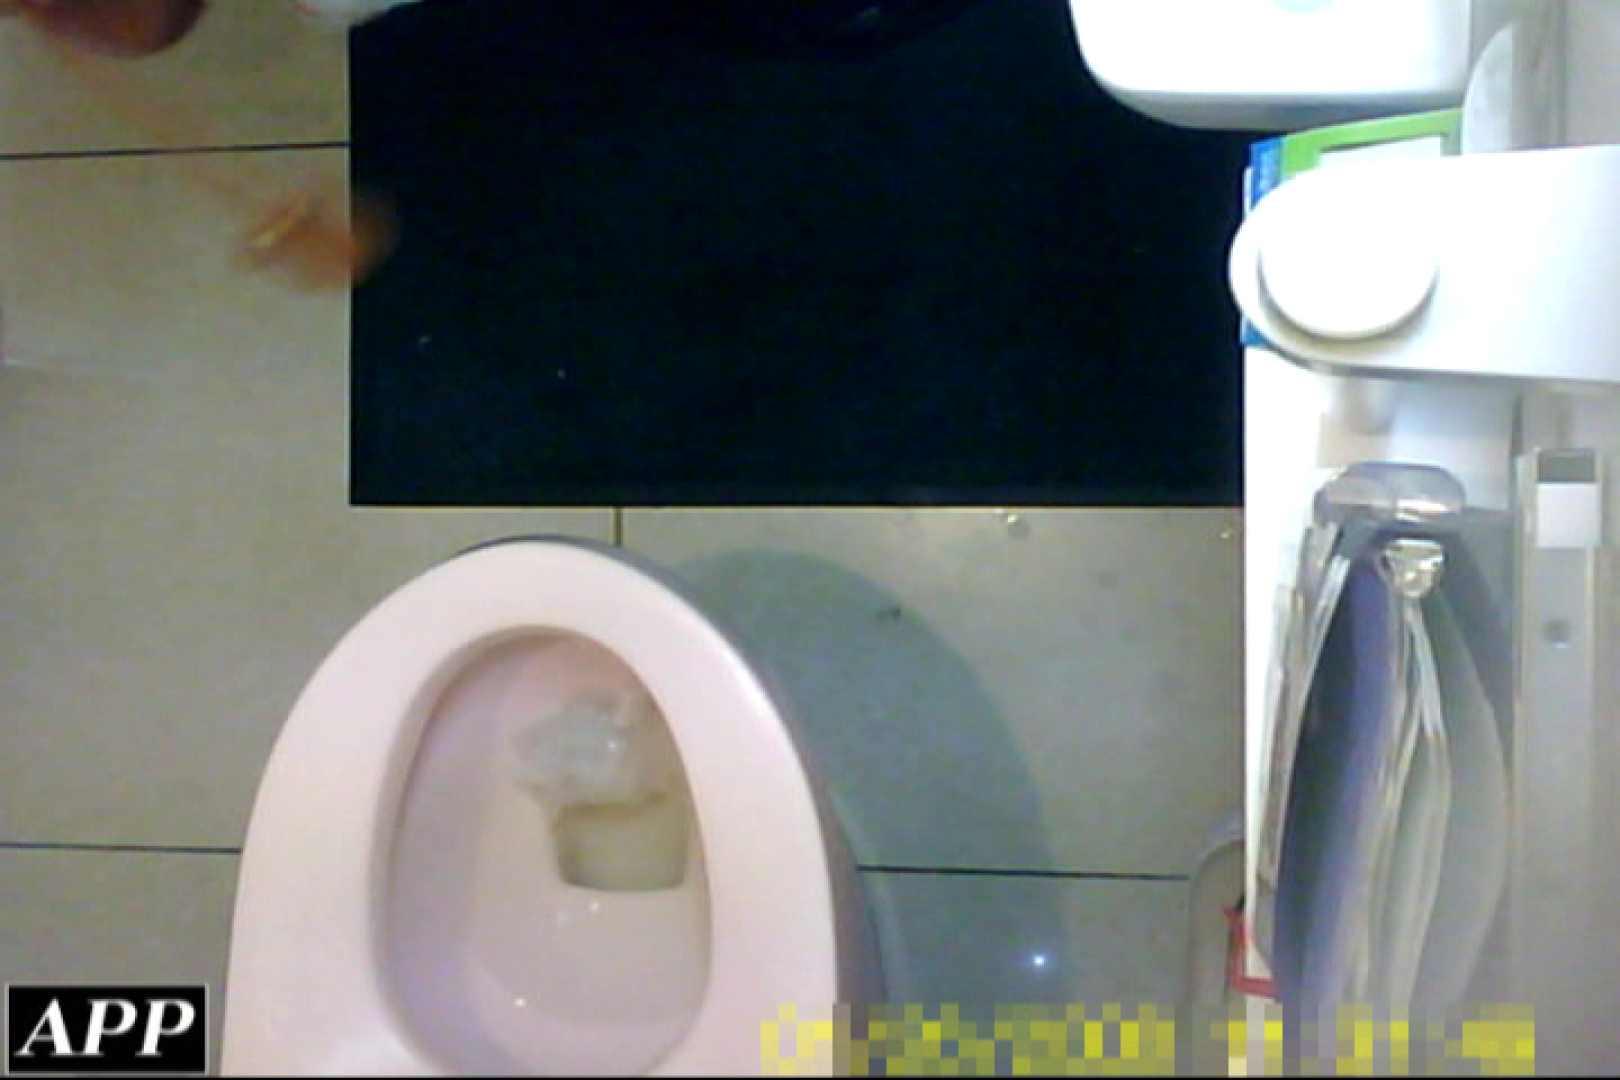 3視点洗面所 vol.104 マンコ無修正 盗撮動画紹介 95画像 64